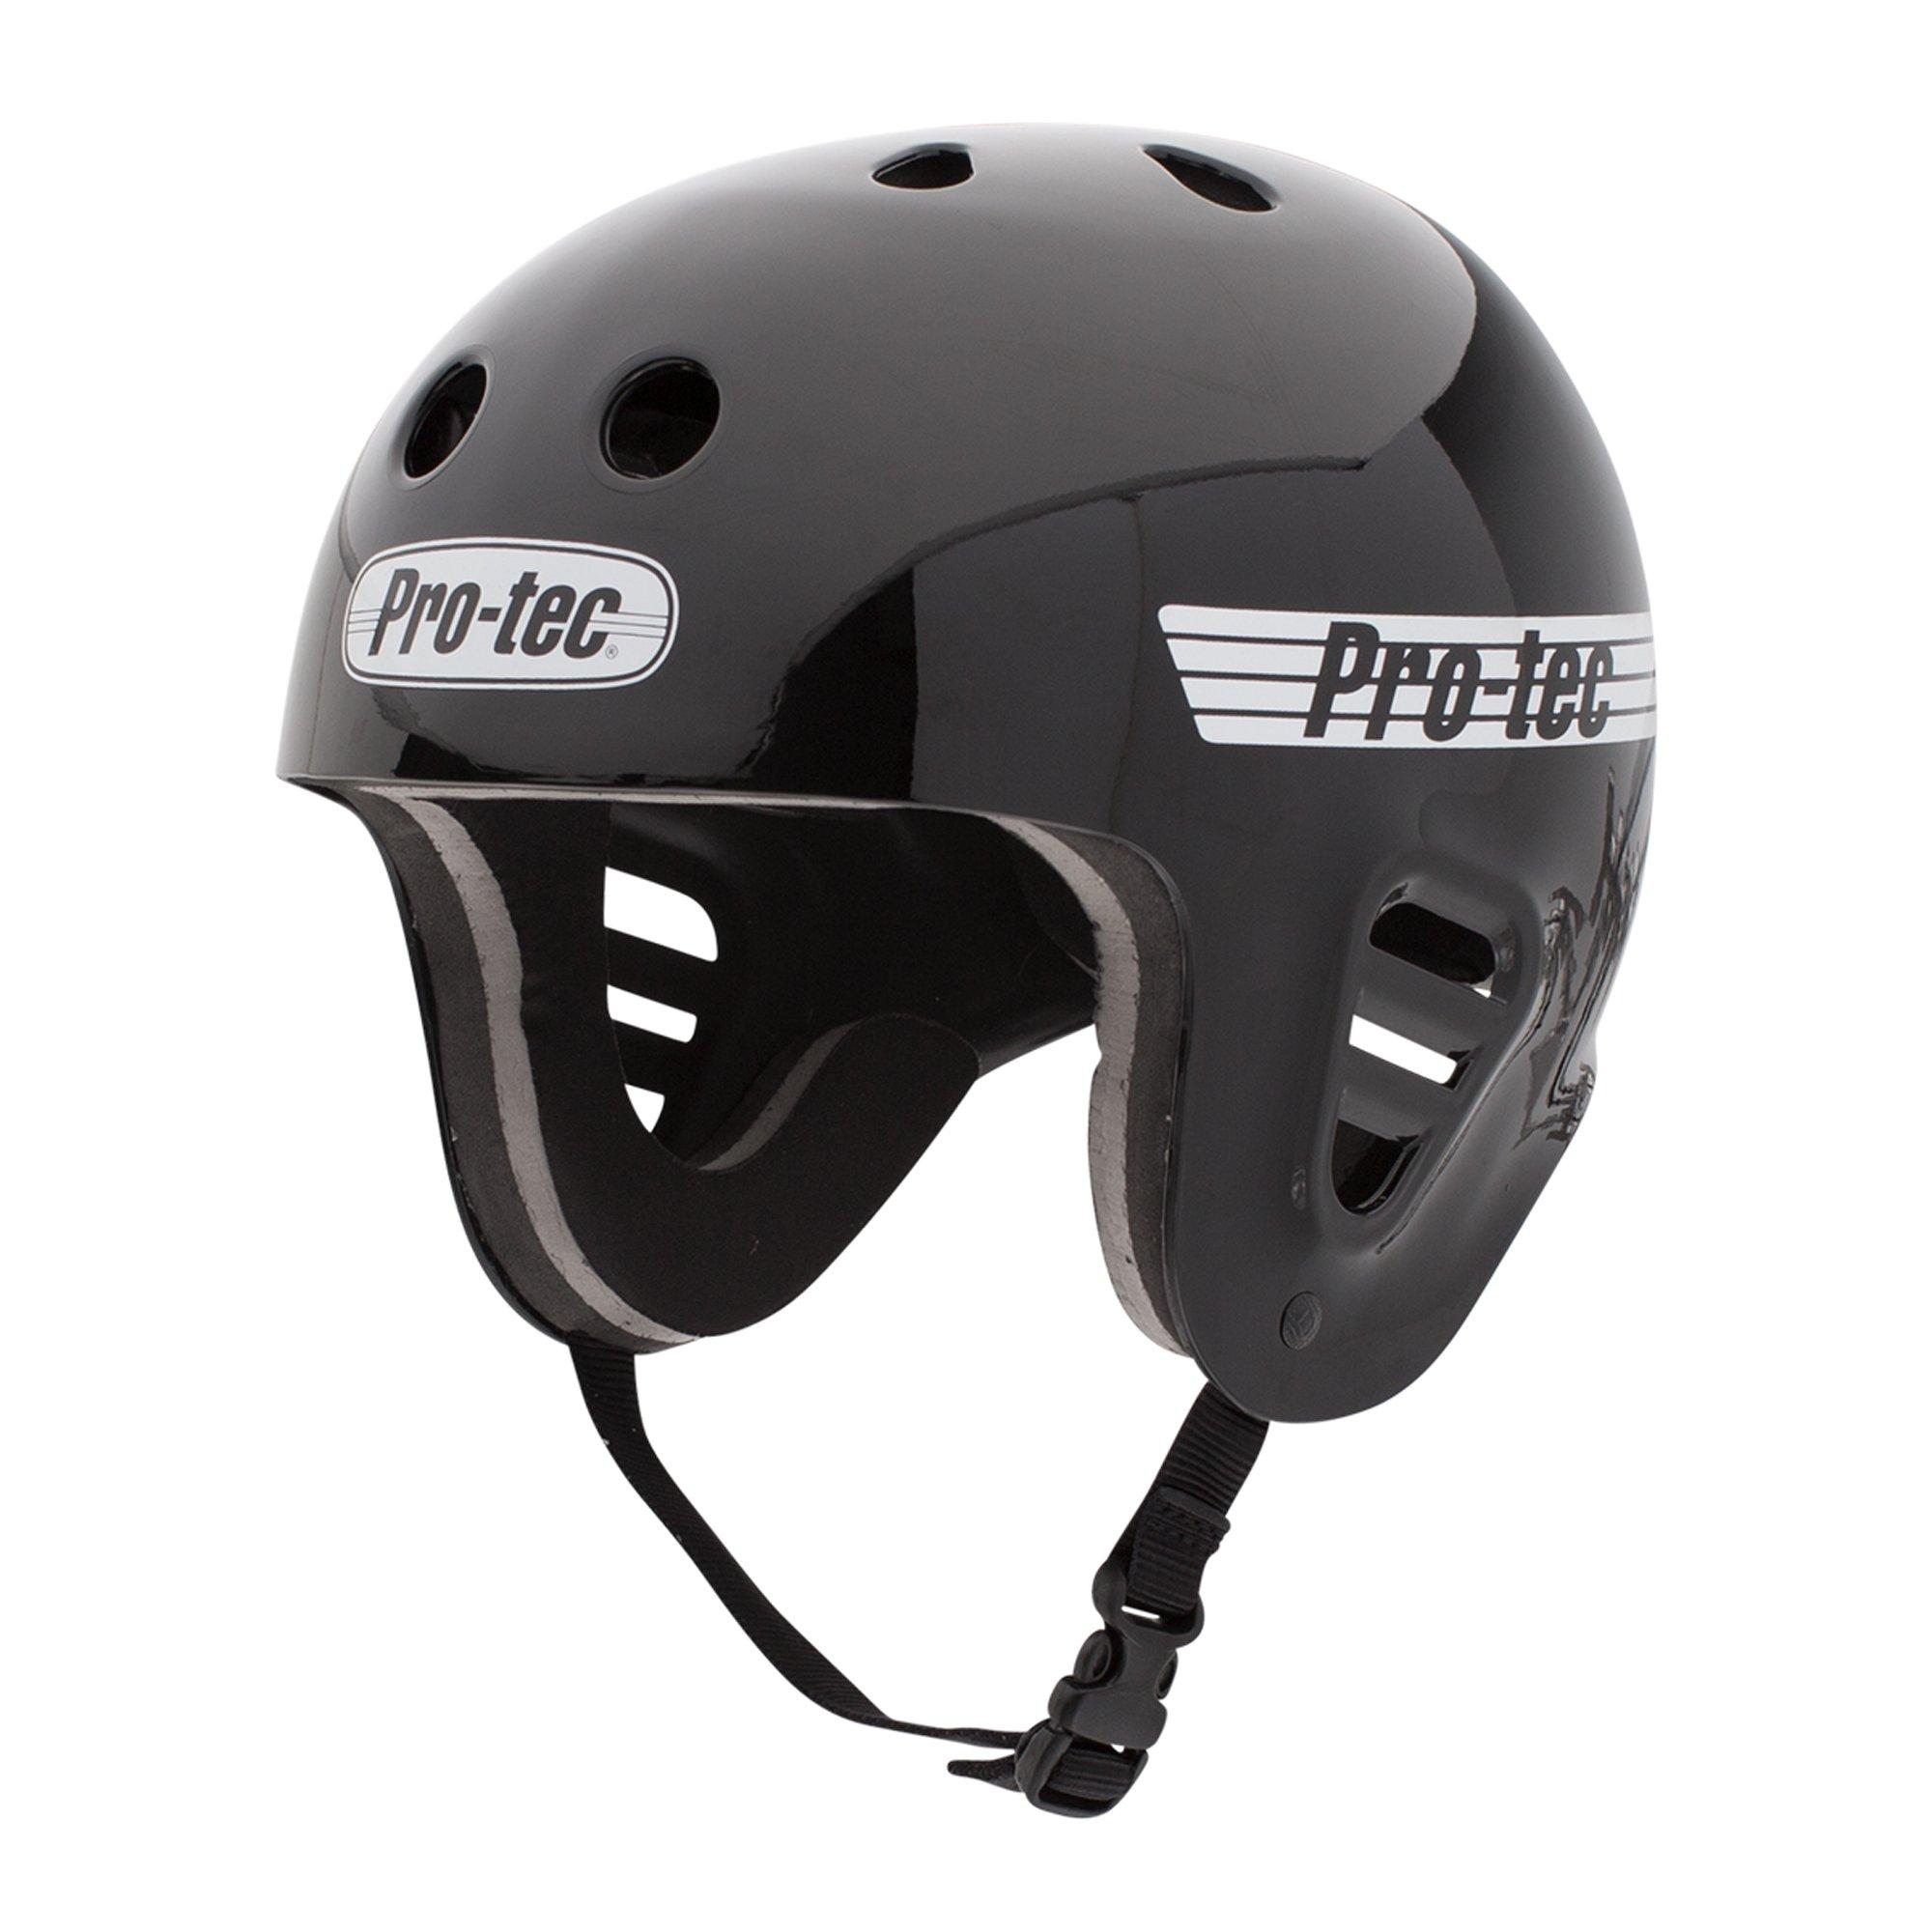 Pro-Tec Full Cut Water Helmet, Gloss Black, XS by Pro-Tec